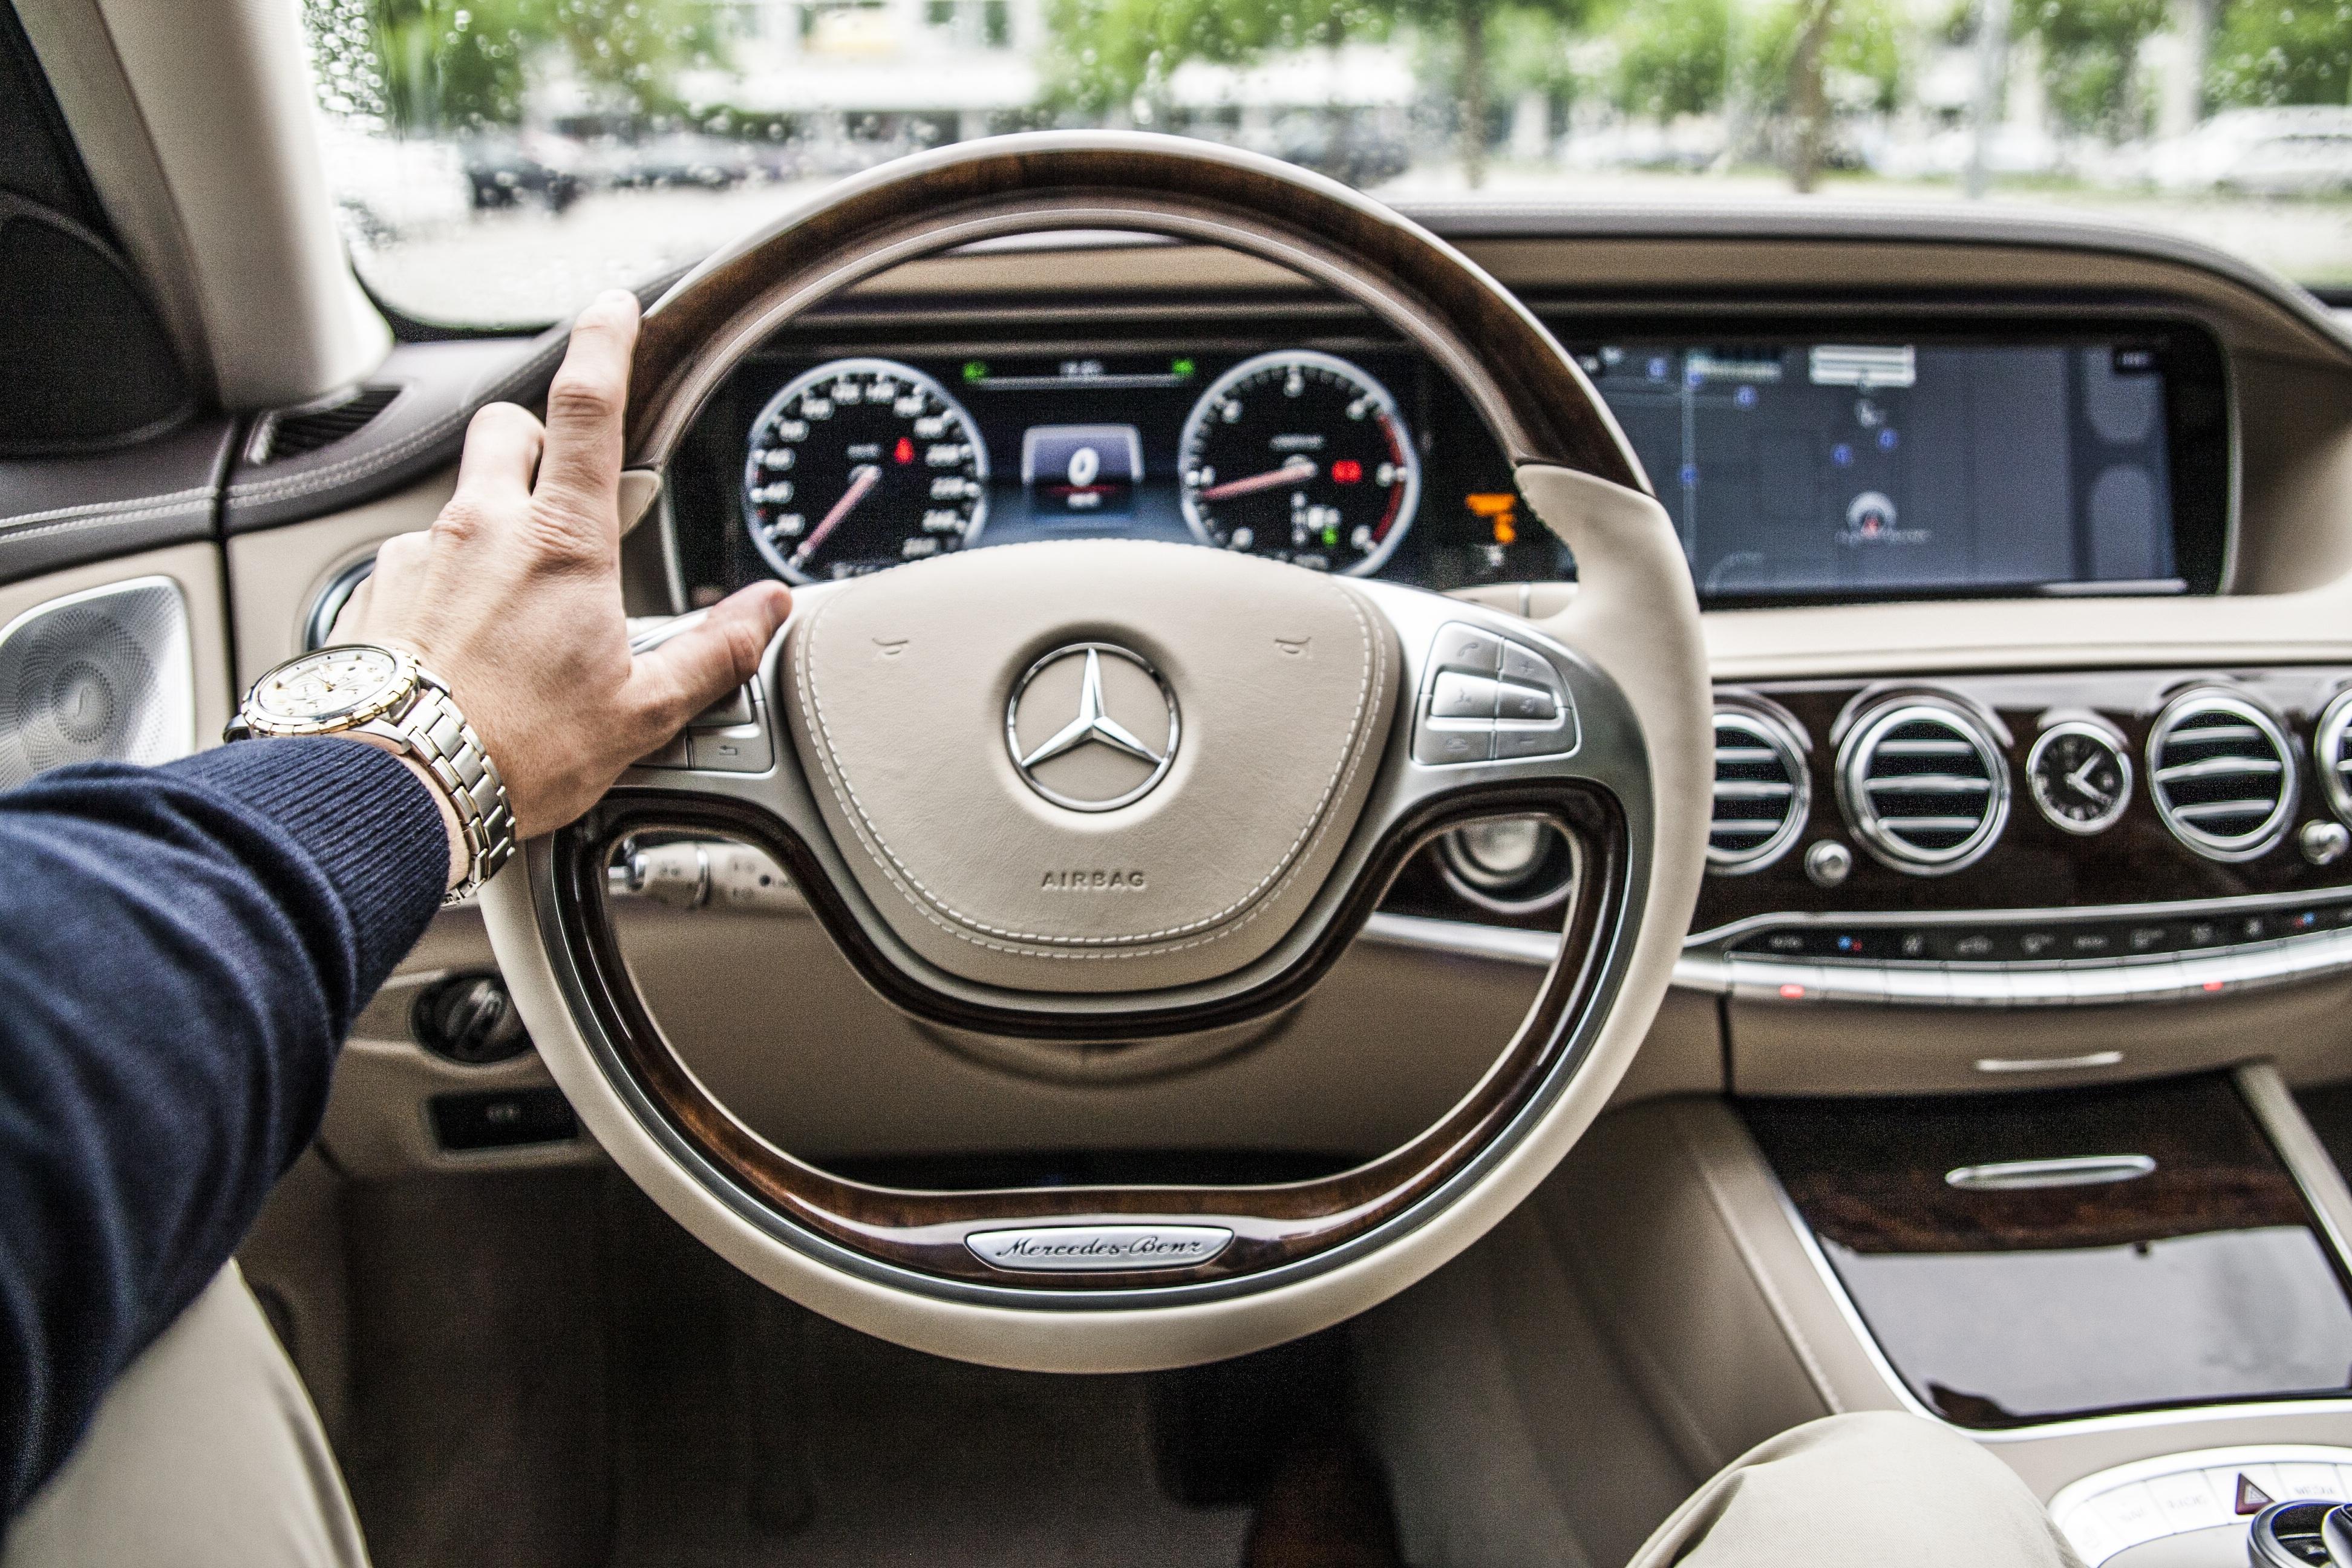 147281 Заставки и Обои Mercedes на телефон. Скачать Салон, Руль, Машины, Тачки (Cars), Mercedes картинки бесплатно